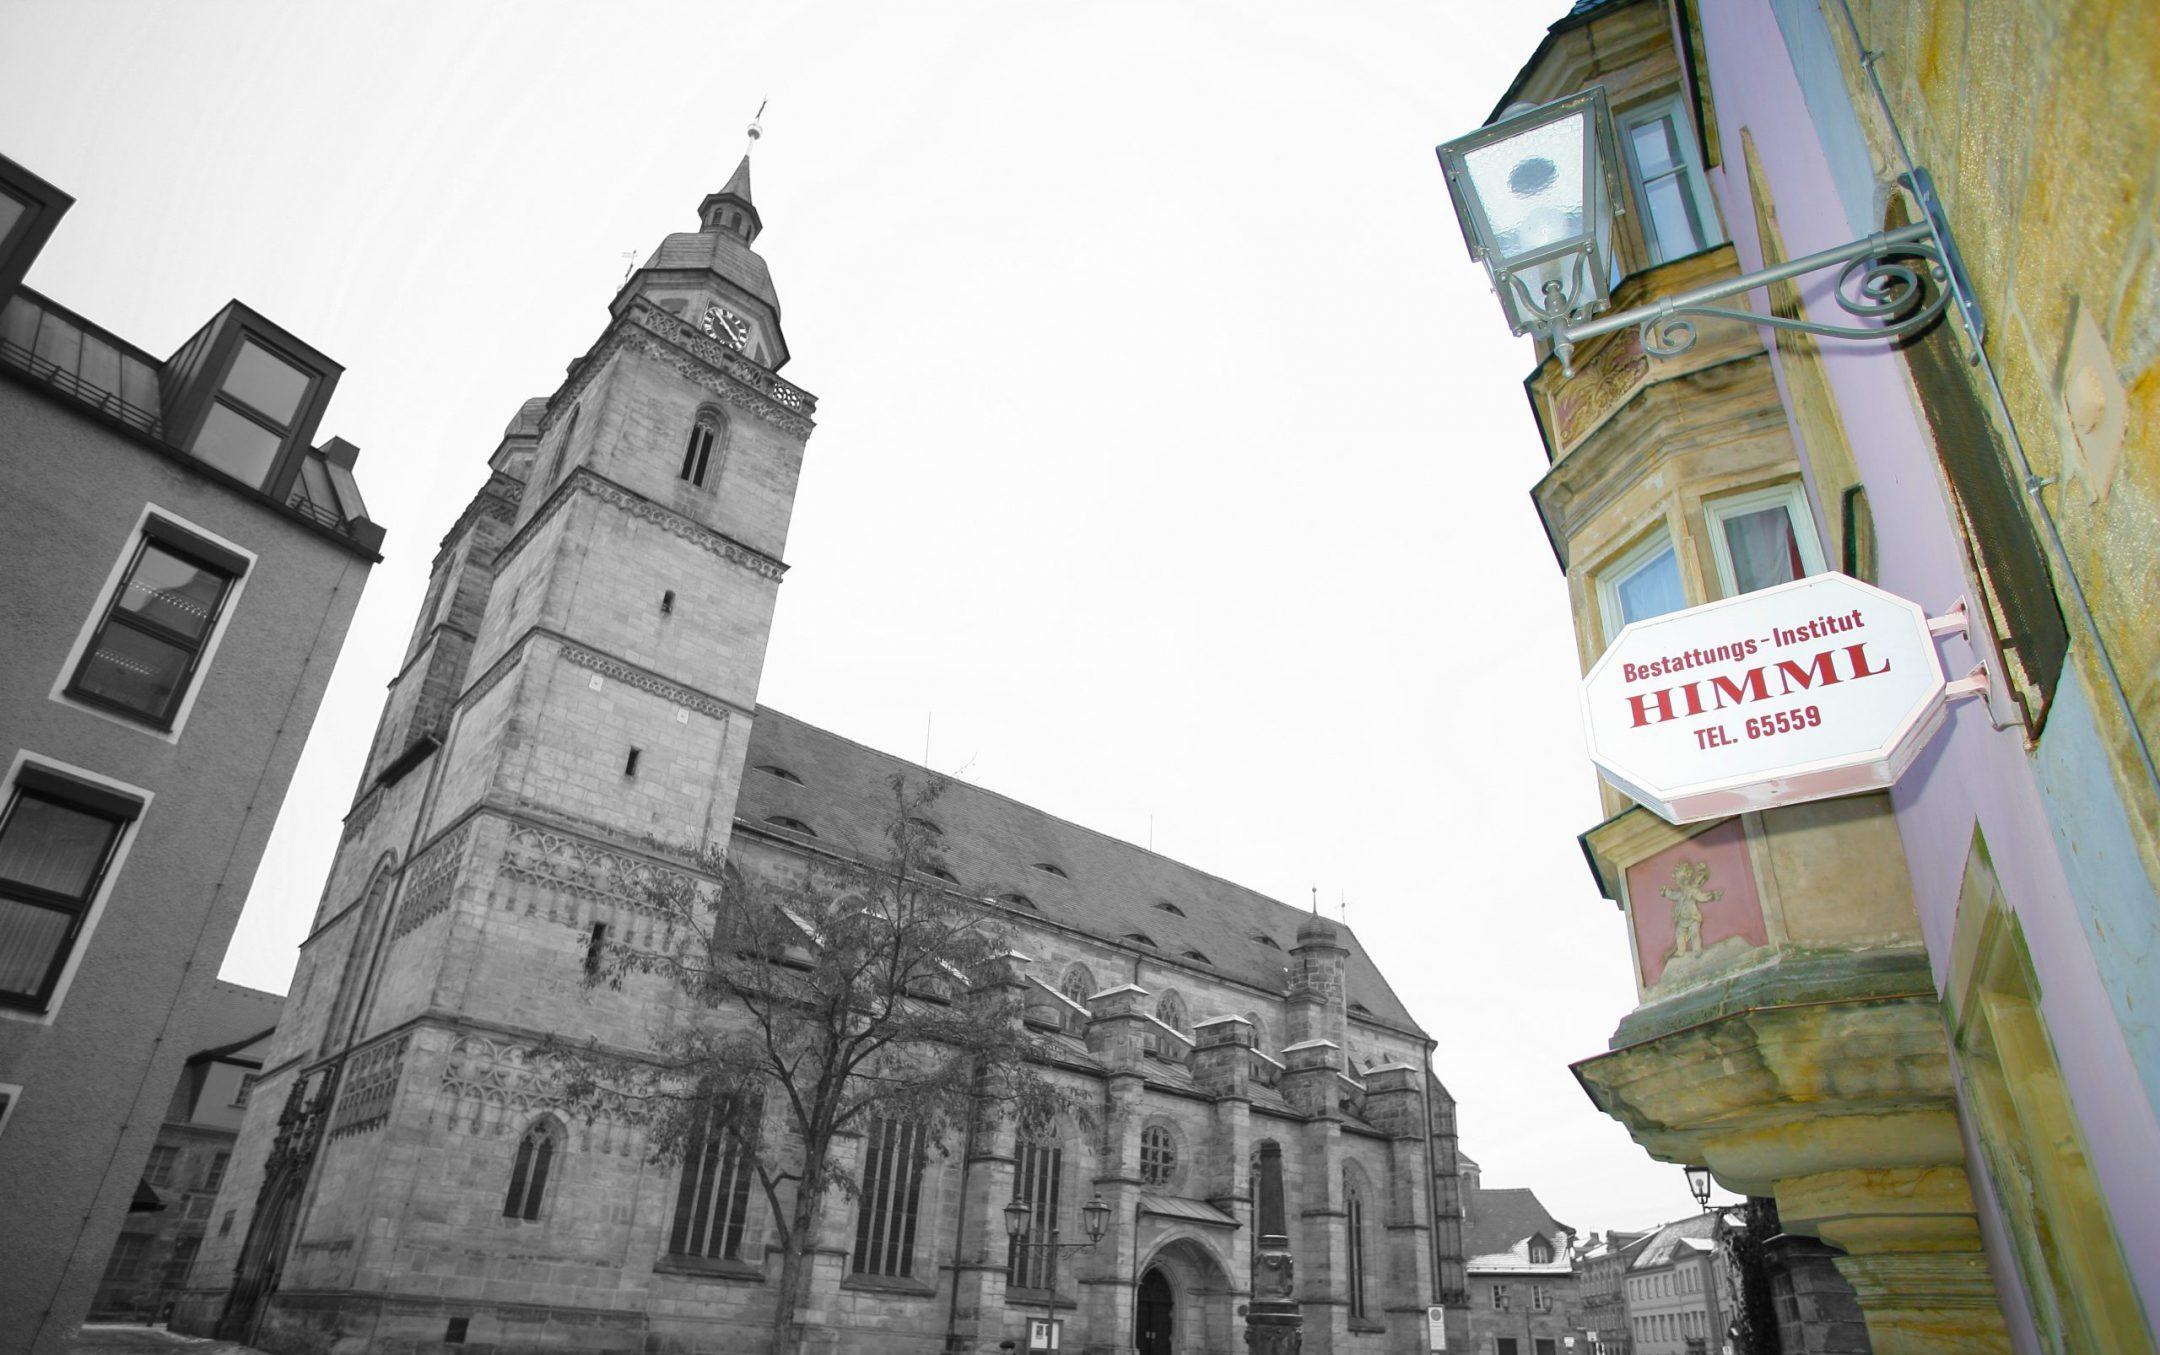 Himml mit Stadtkirche Bayreuth